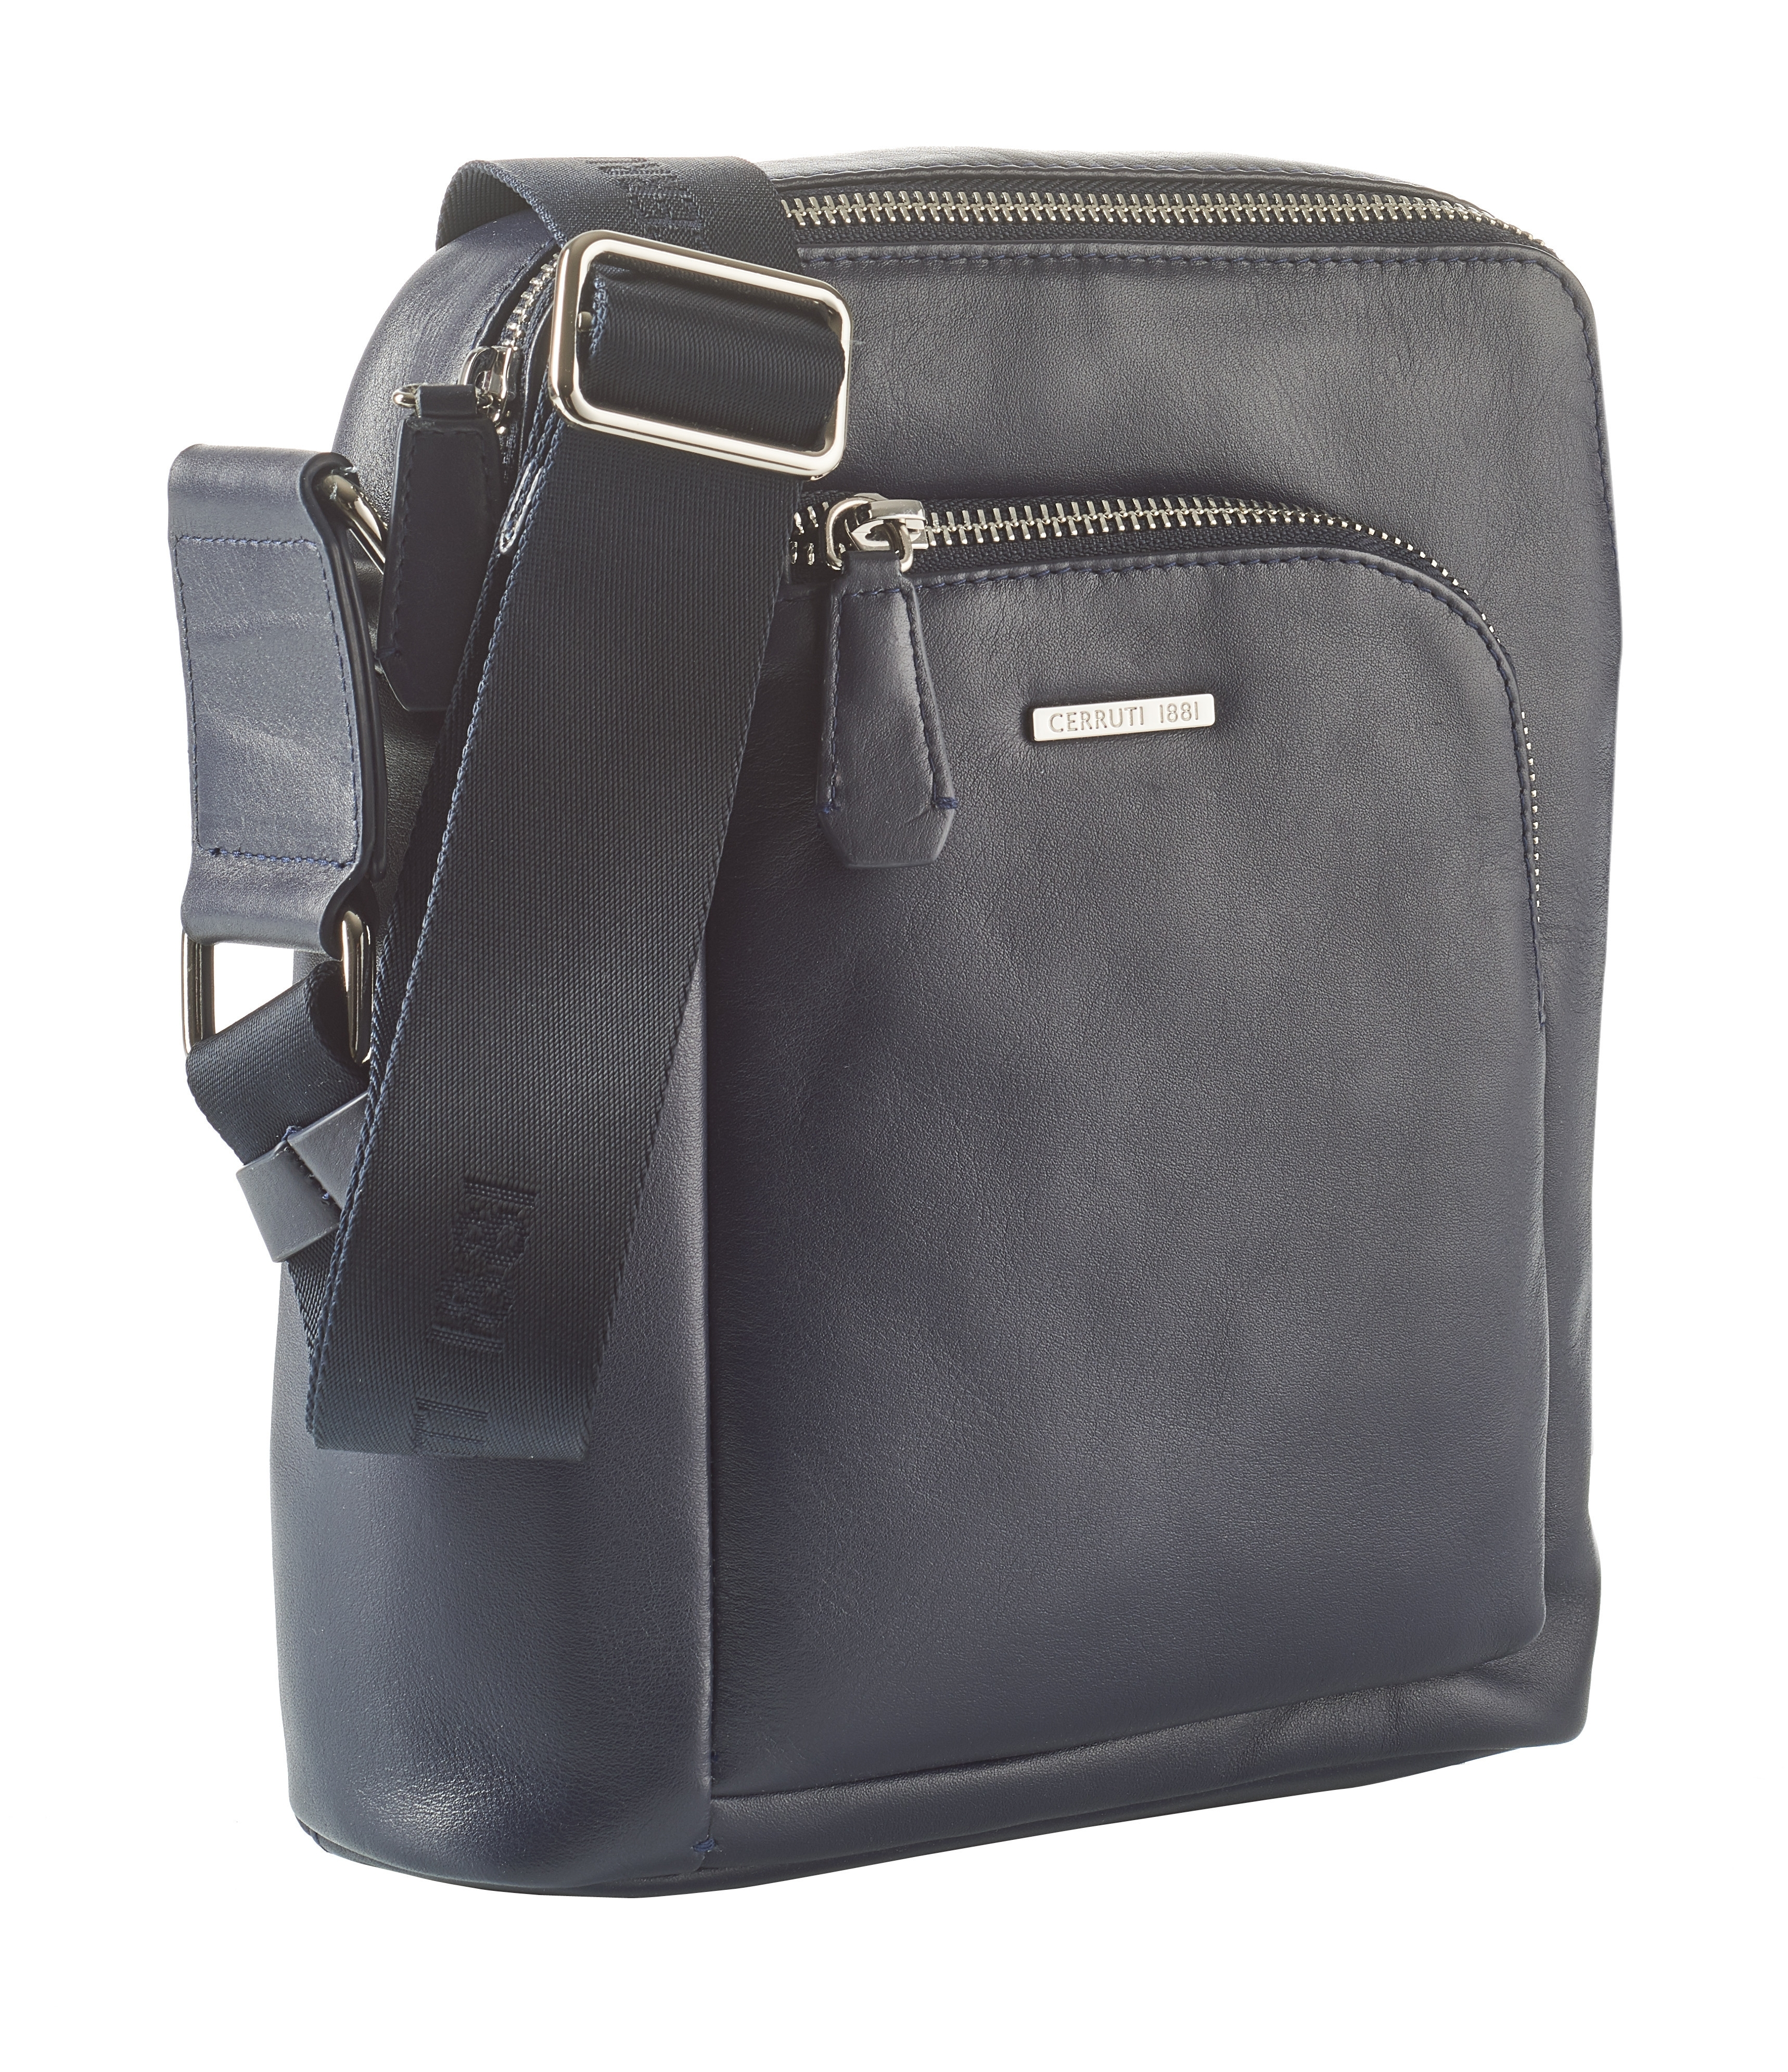 cbd9d48f96e Gucci Beige Mens GG Supreme backpack GG Supreme Canvas Source · Designer  Man Bags Backpacks and Holdalls Harvey Nichols